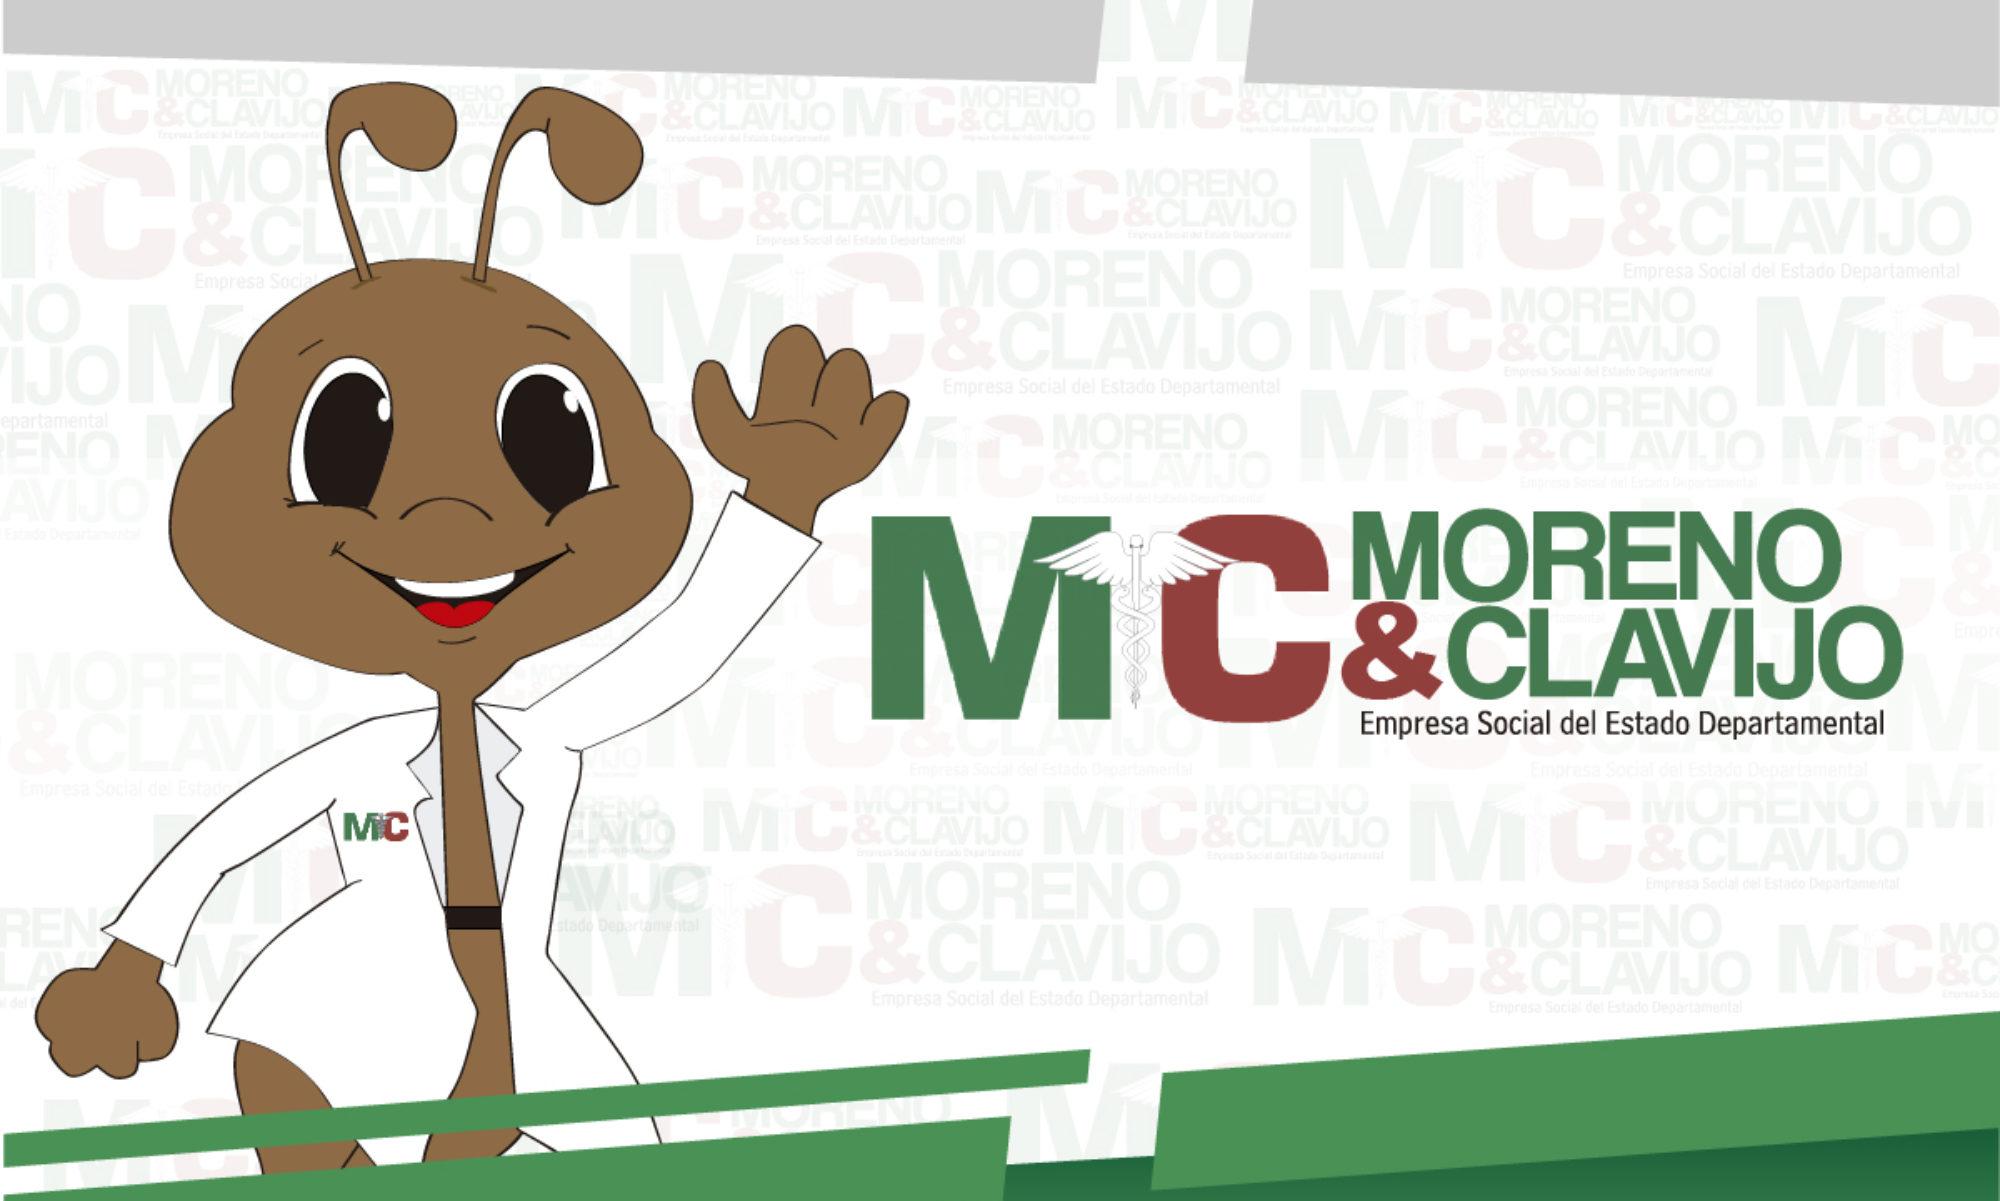 ESE Moreno y Clavijo